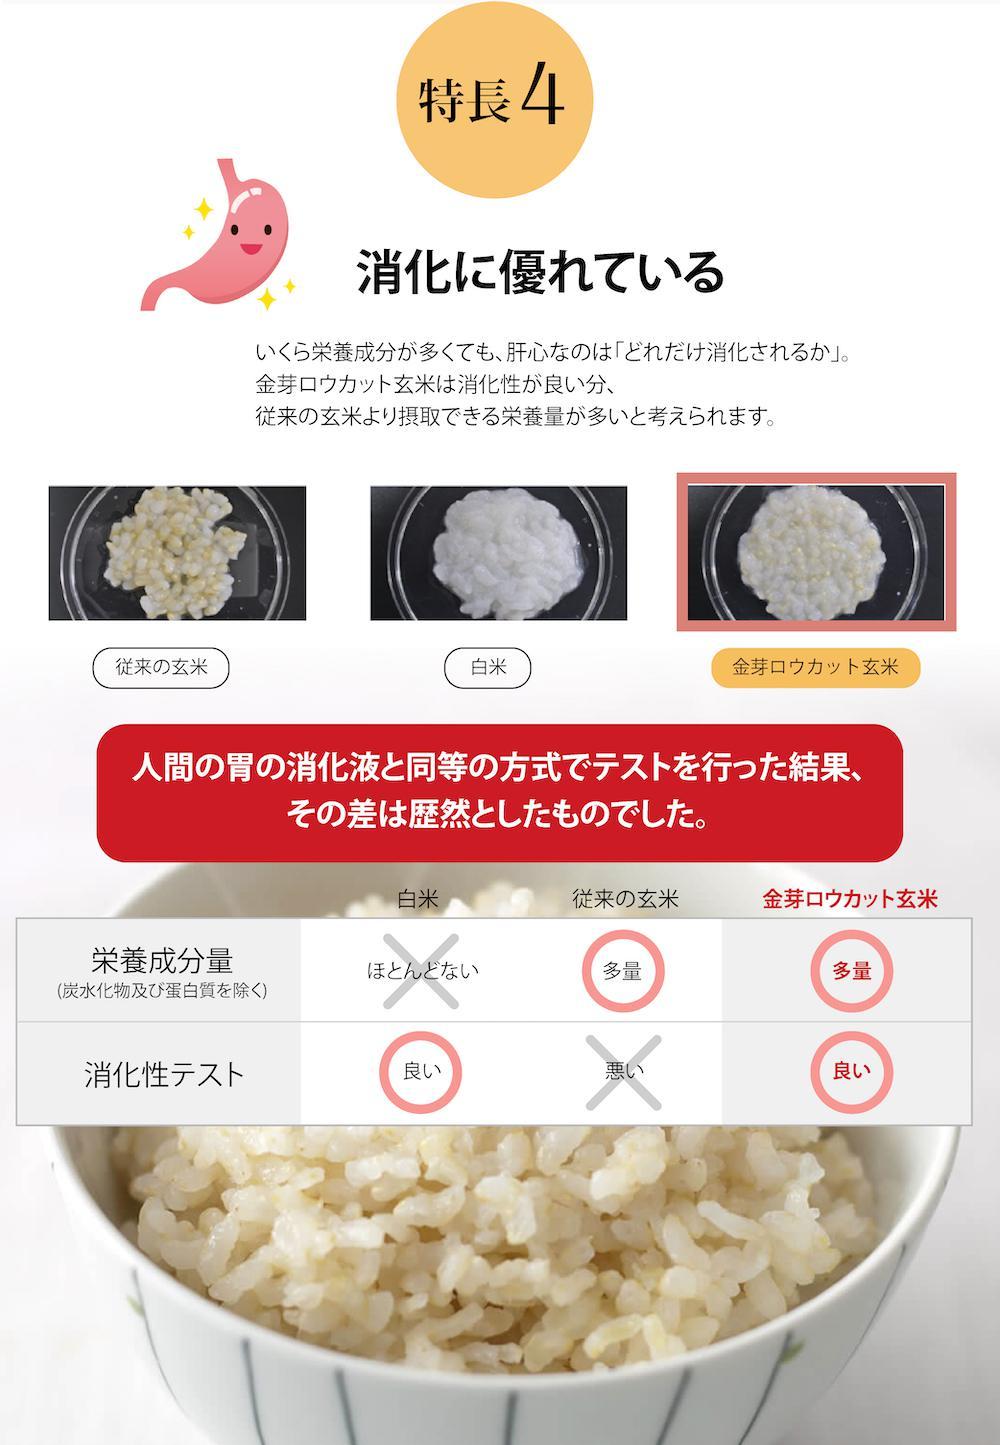 金芽ロウカット玄米の特長4